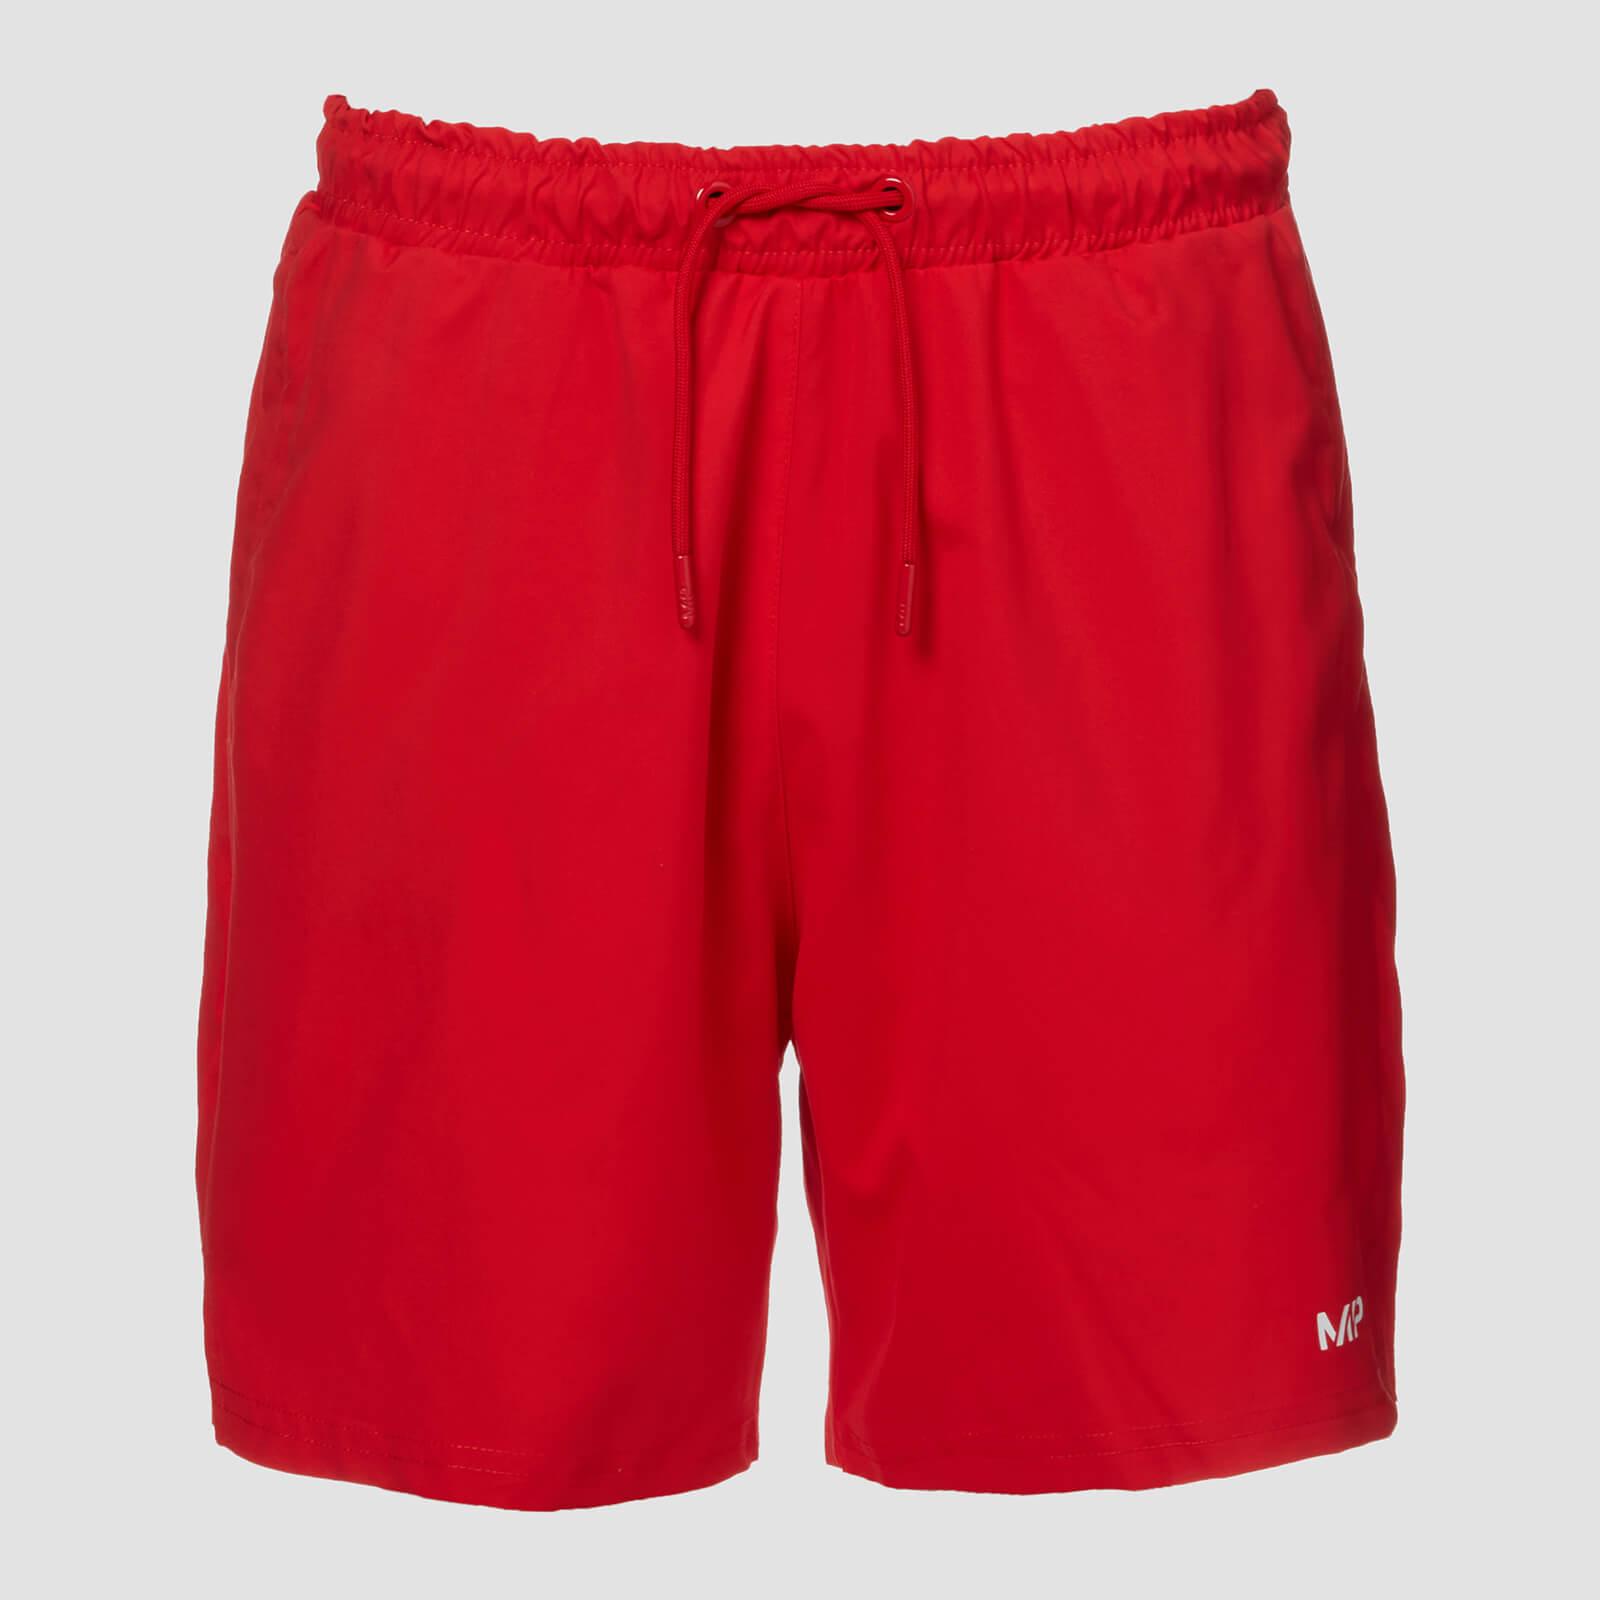 Myprotein Pacific Swim Shorts - Danger - S